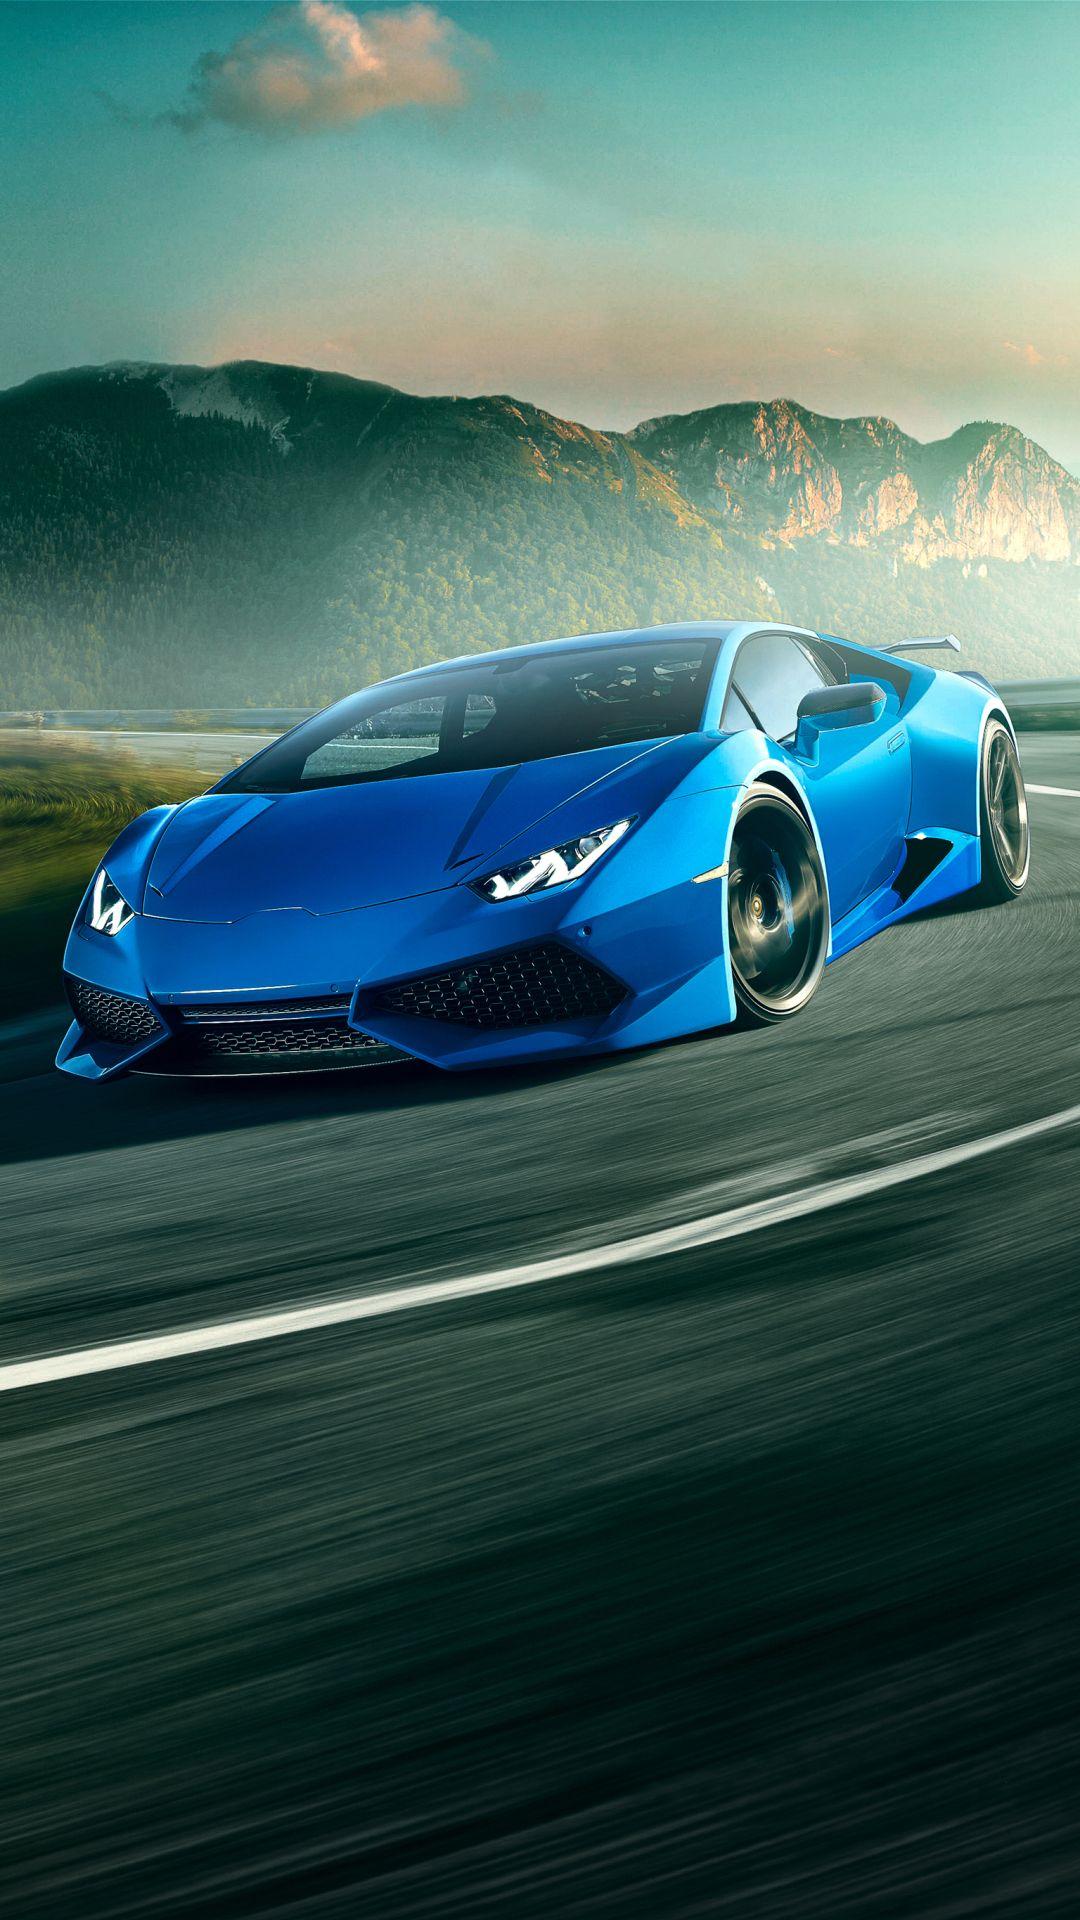 Cool Lamborghini Wallpaper Ios